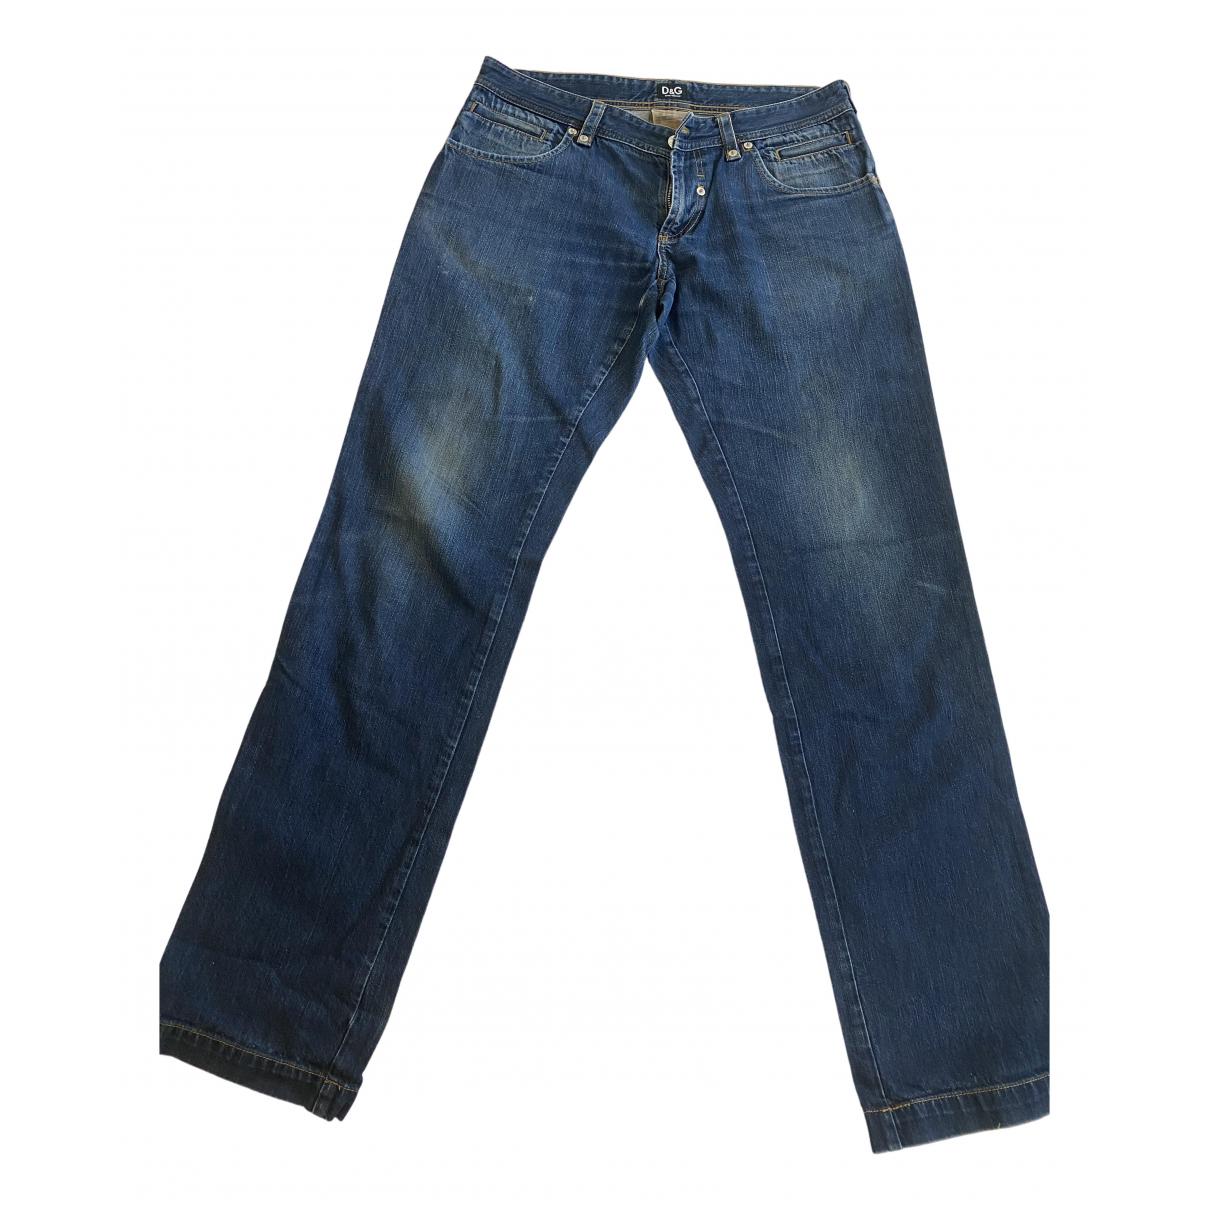 D&g \N Navy Jeans for Men 32 US